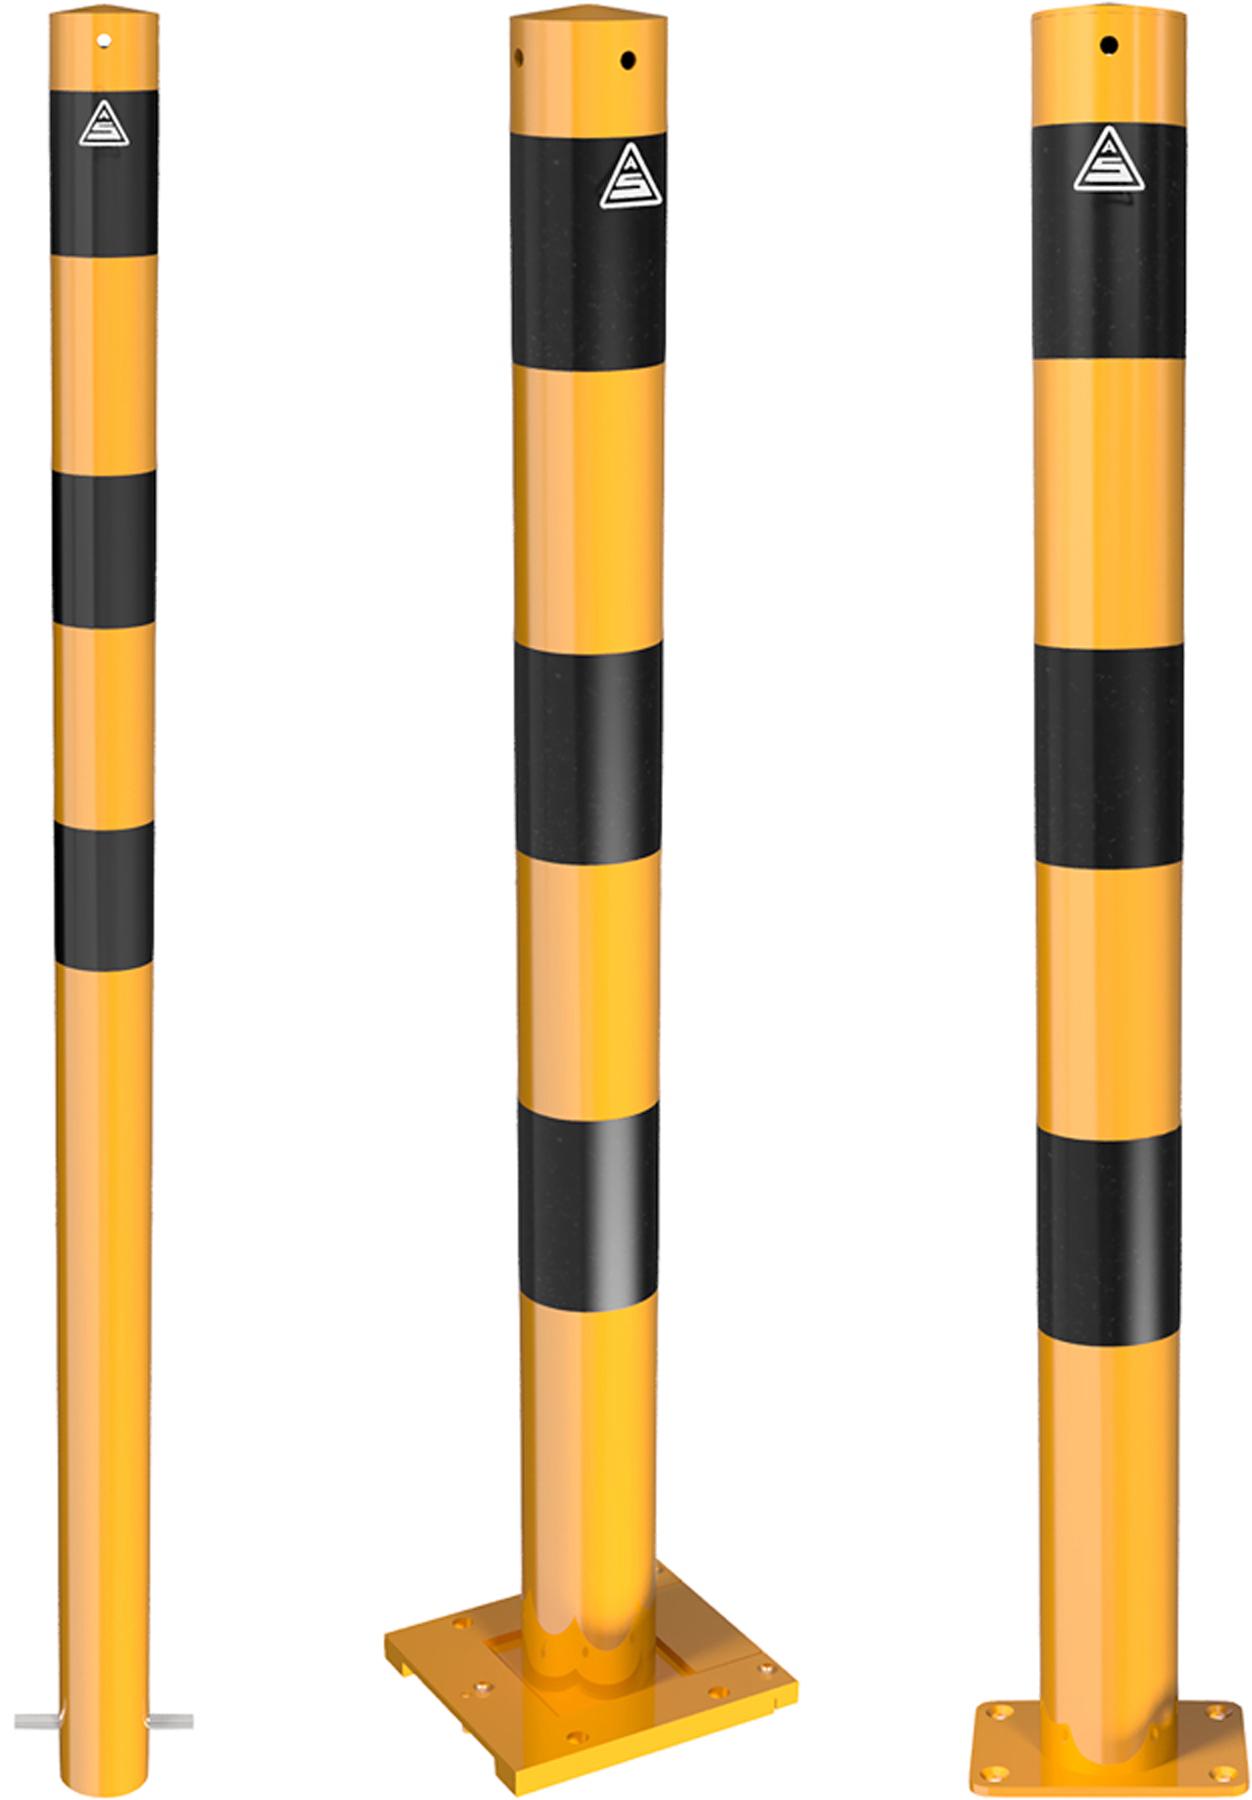 Schake Absperrpfosten Ø 76 mm gelb | schwarz